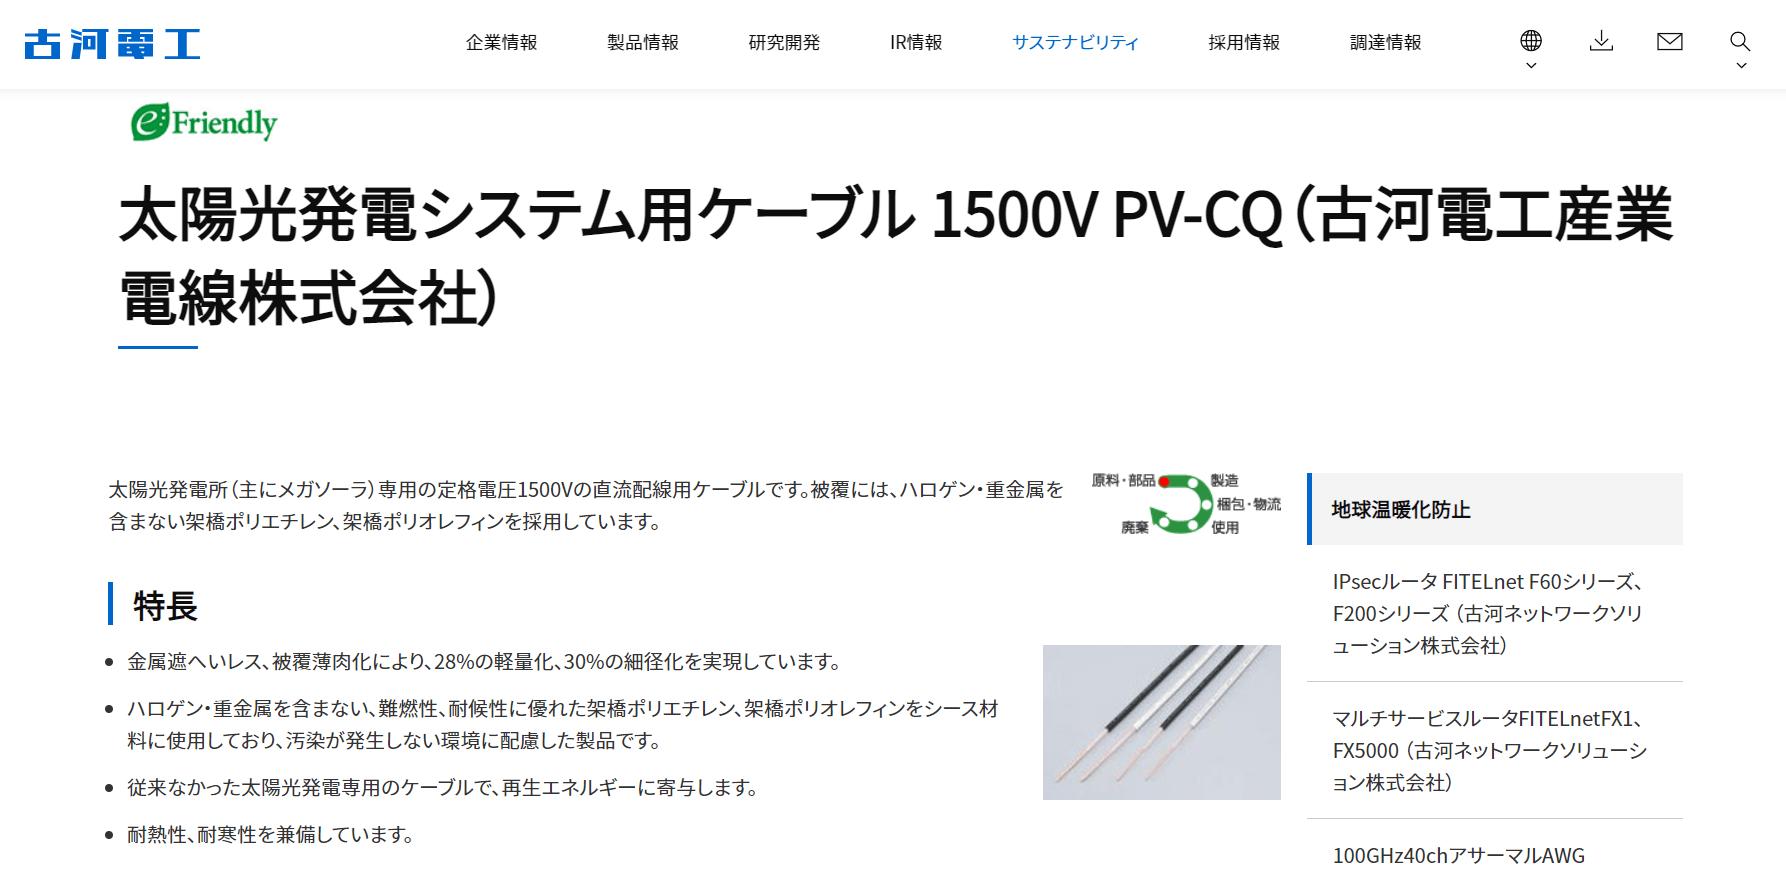 太陽光発電システム用ケーブル 1500V PV-CQ(古河電工産業電線株式会社)